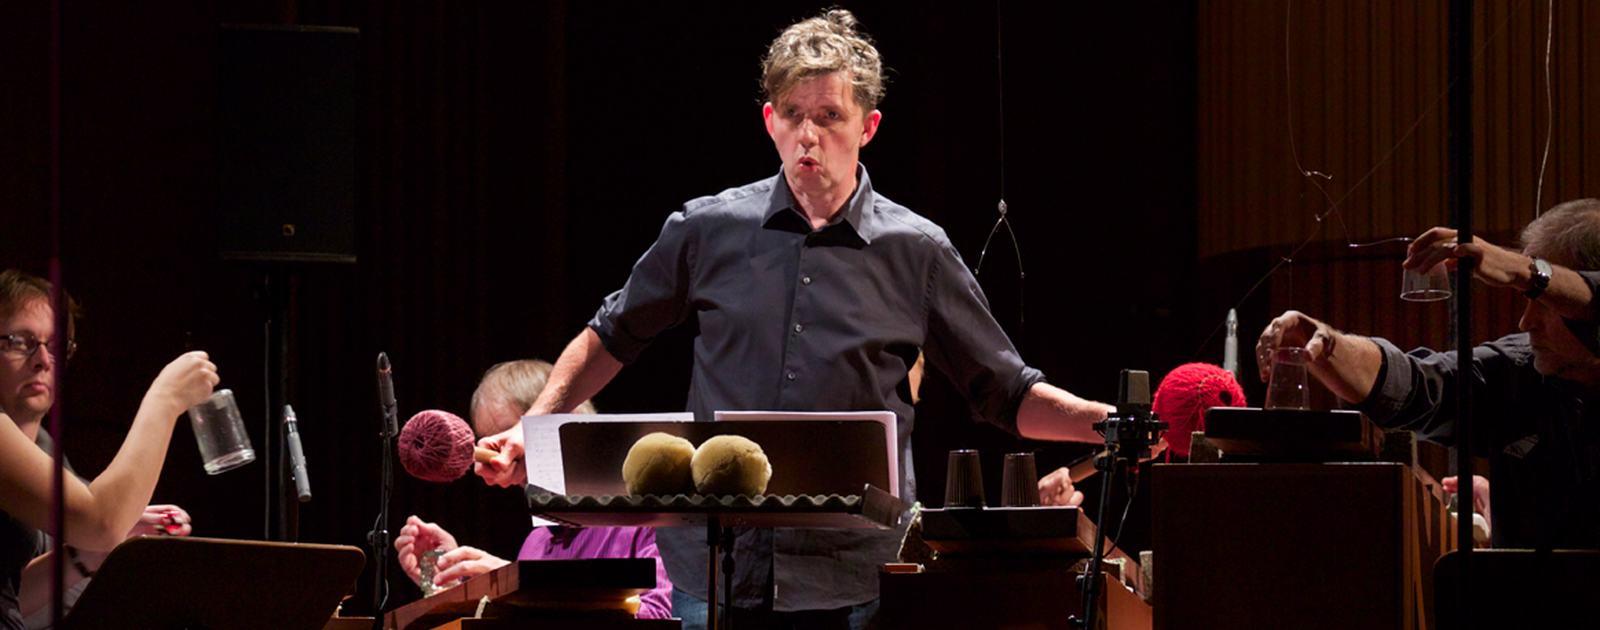 Das Ensemble Musikfabrik spielt Kompositionen von Simon Steen-Andersen, Caspar Johannes Walter, Klaus Lang und Carola Bauckholt auf Instrumenten von Harry Partch / 11.10.2015 / WDR / Koeln